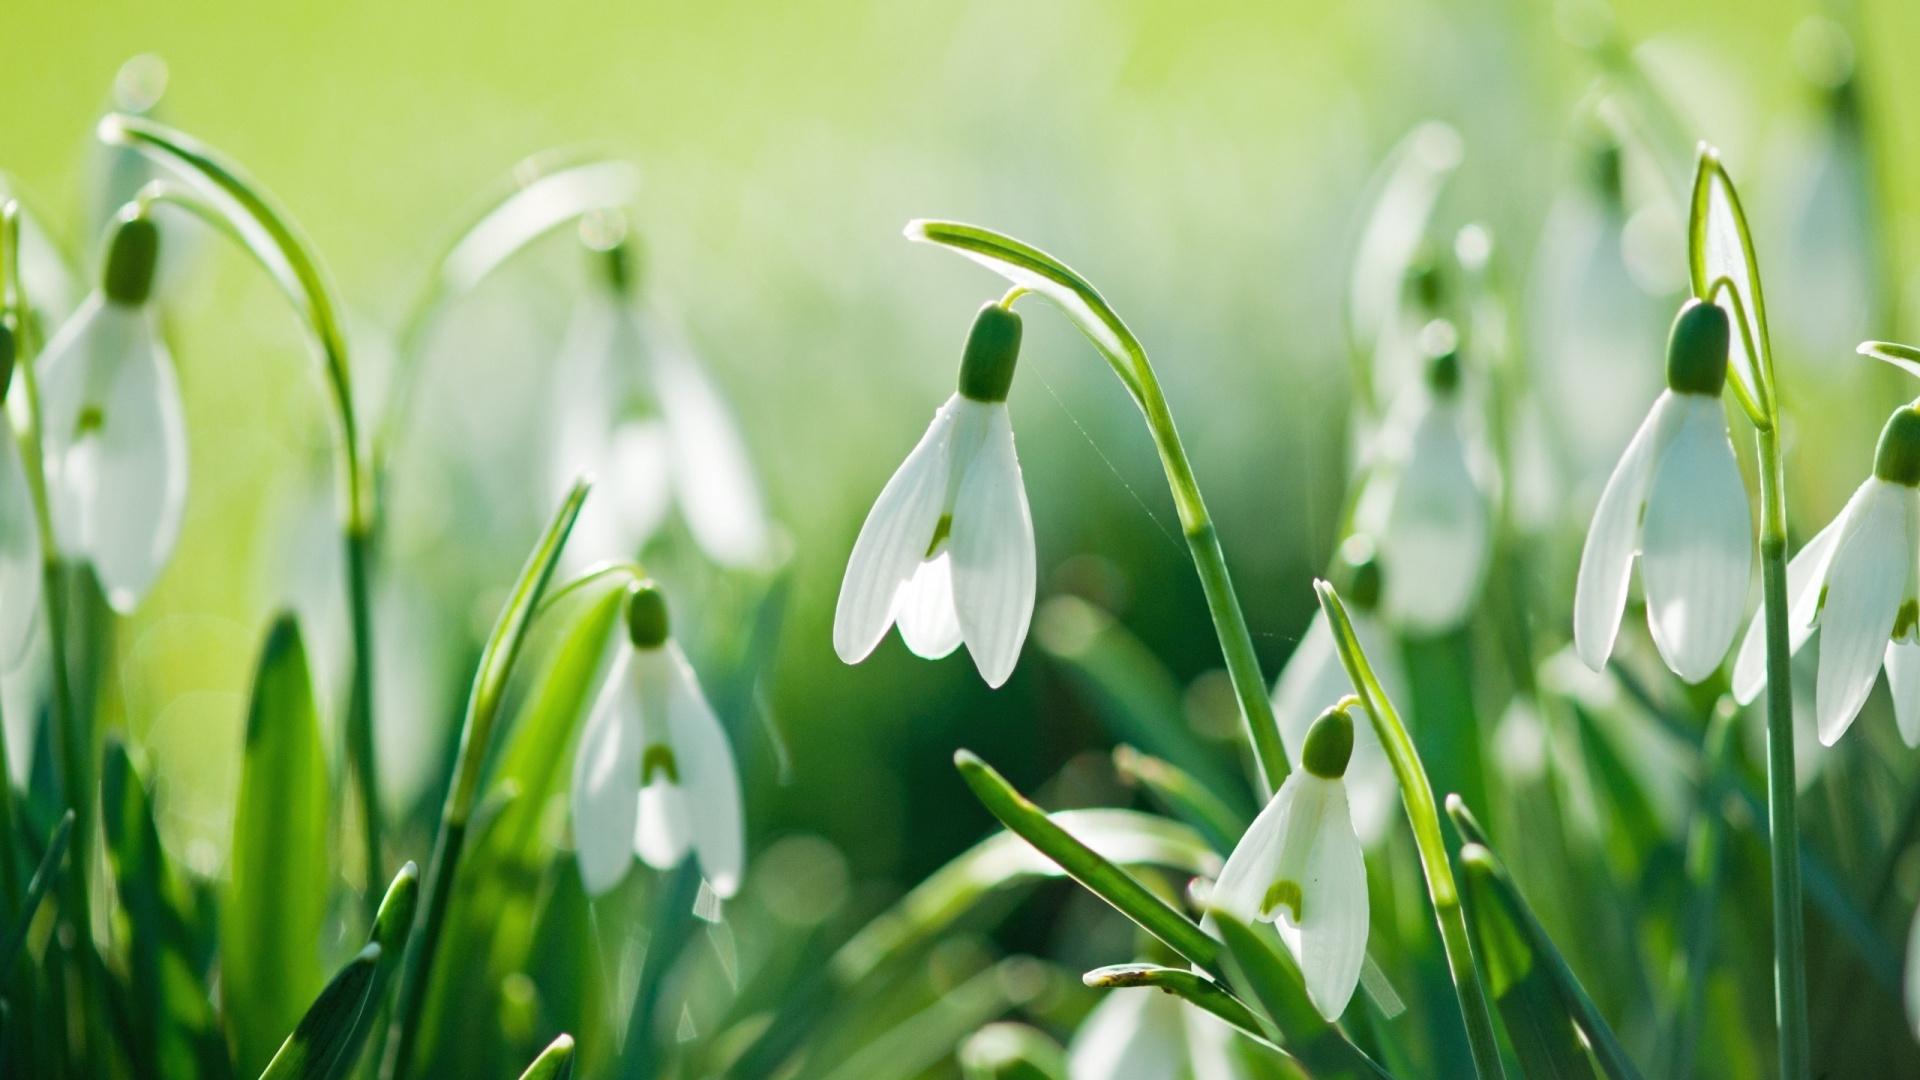 Springtime Image